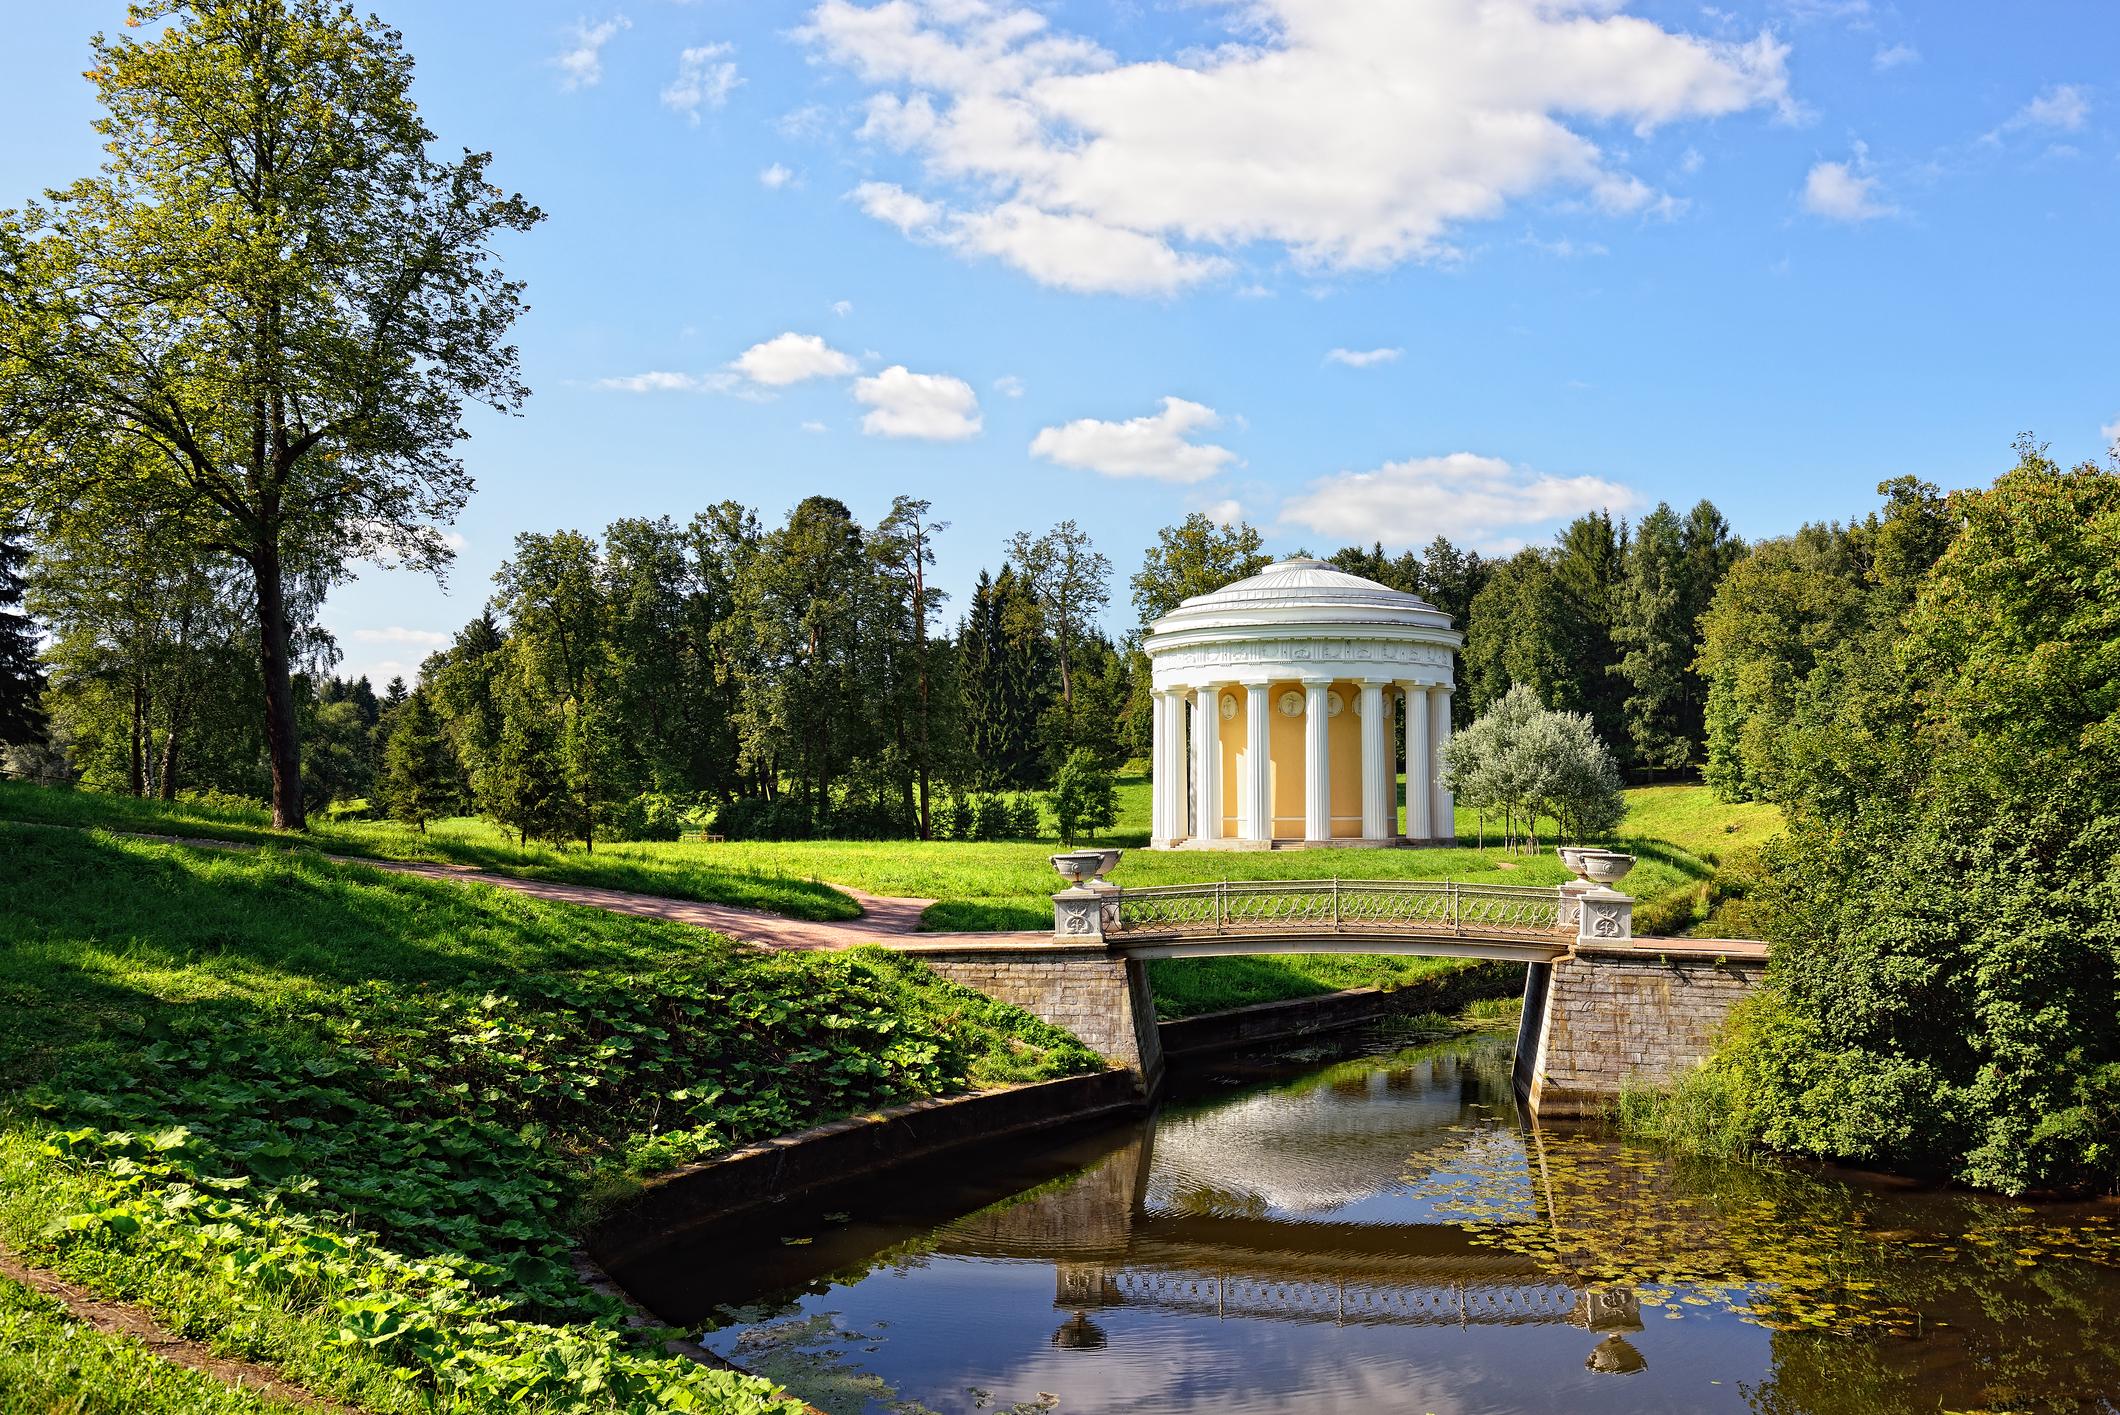 Dreamstime © - Saint-Pétersbourg - Pavlosk (4).jpg